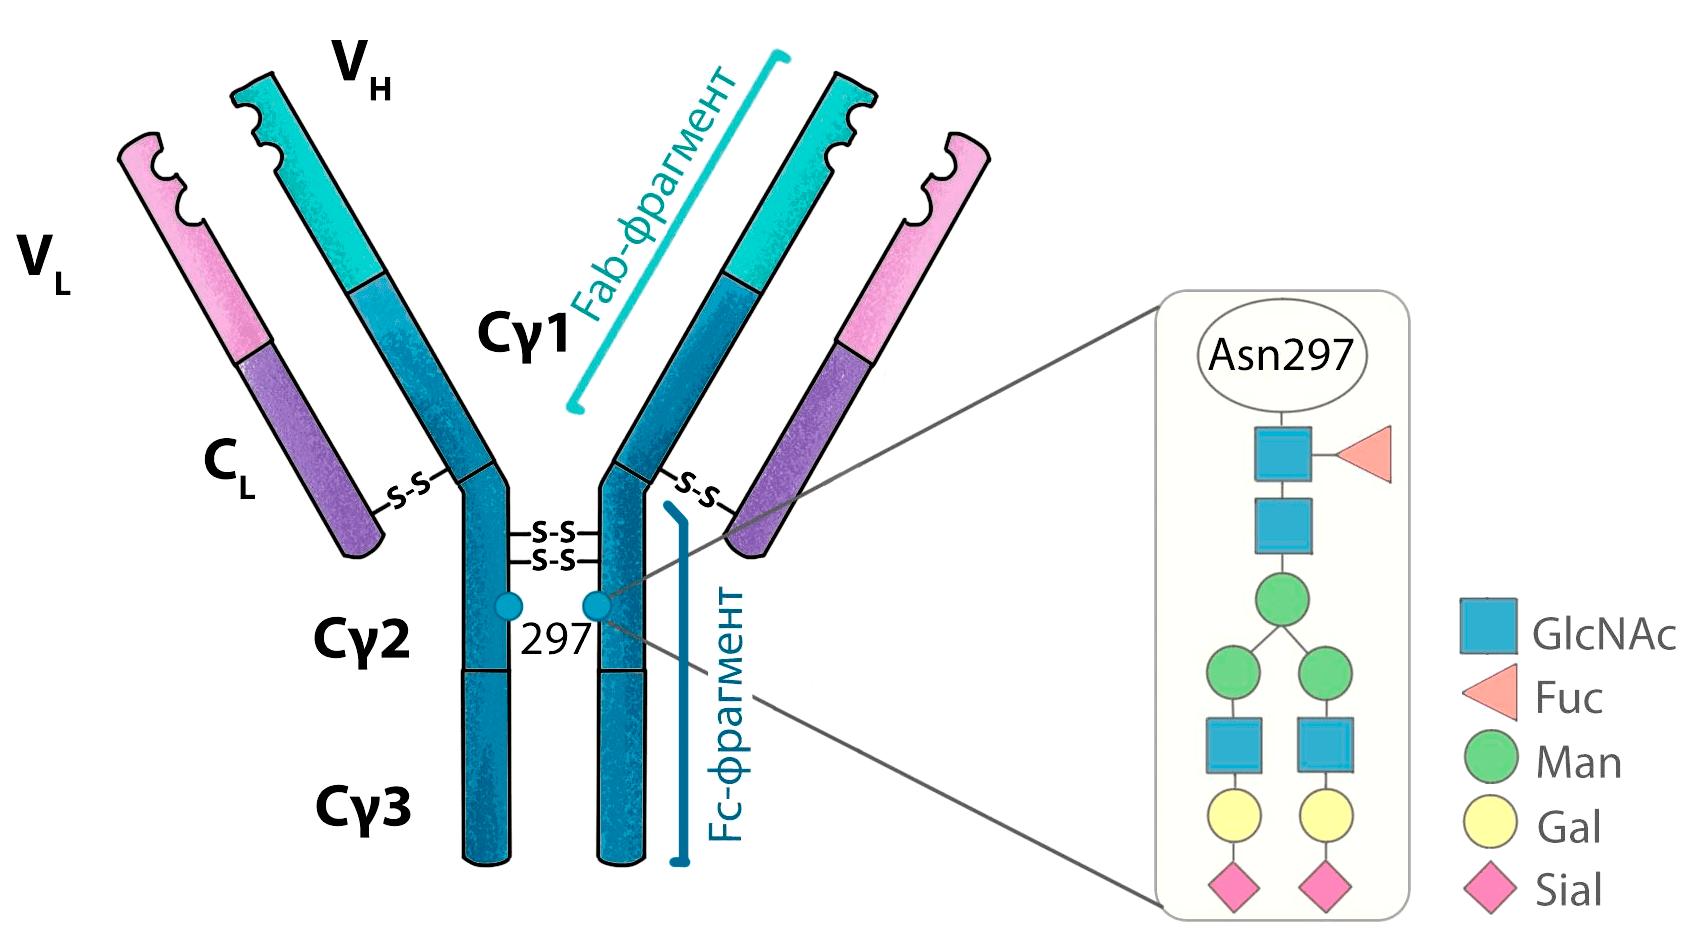 Структура гликана IgG